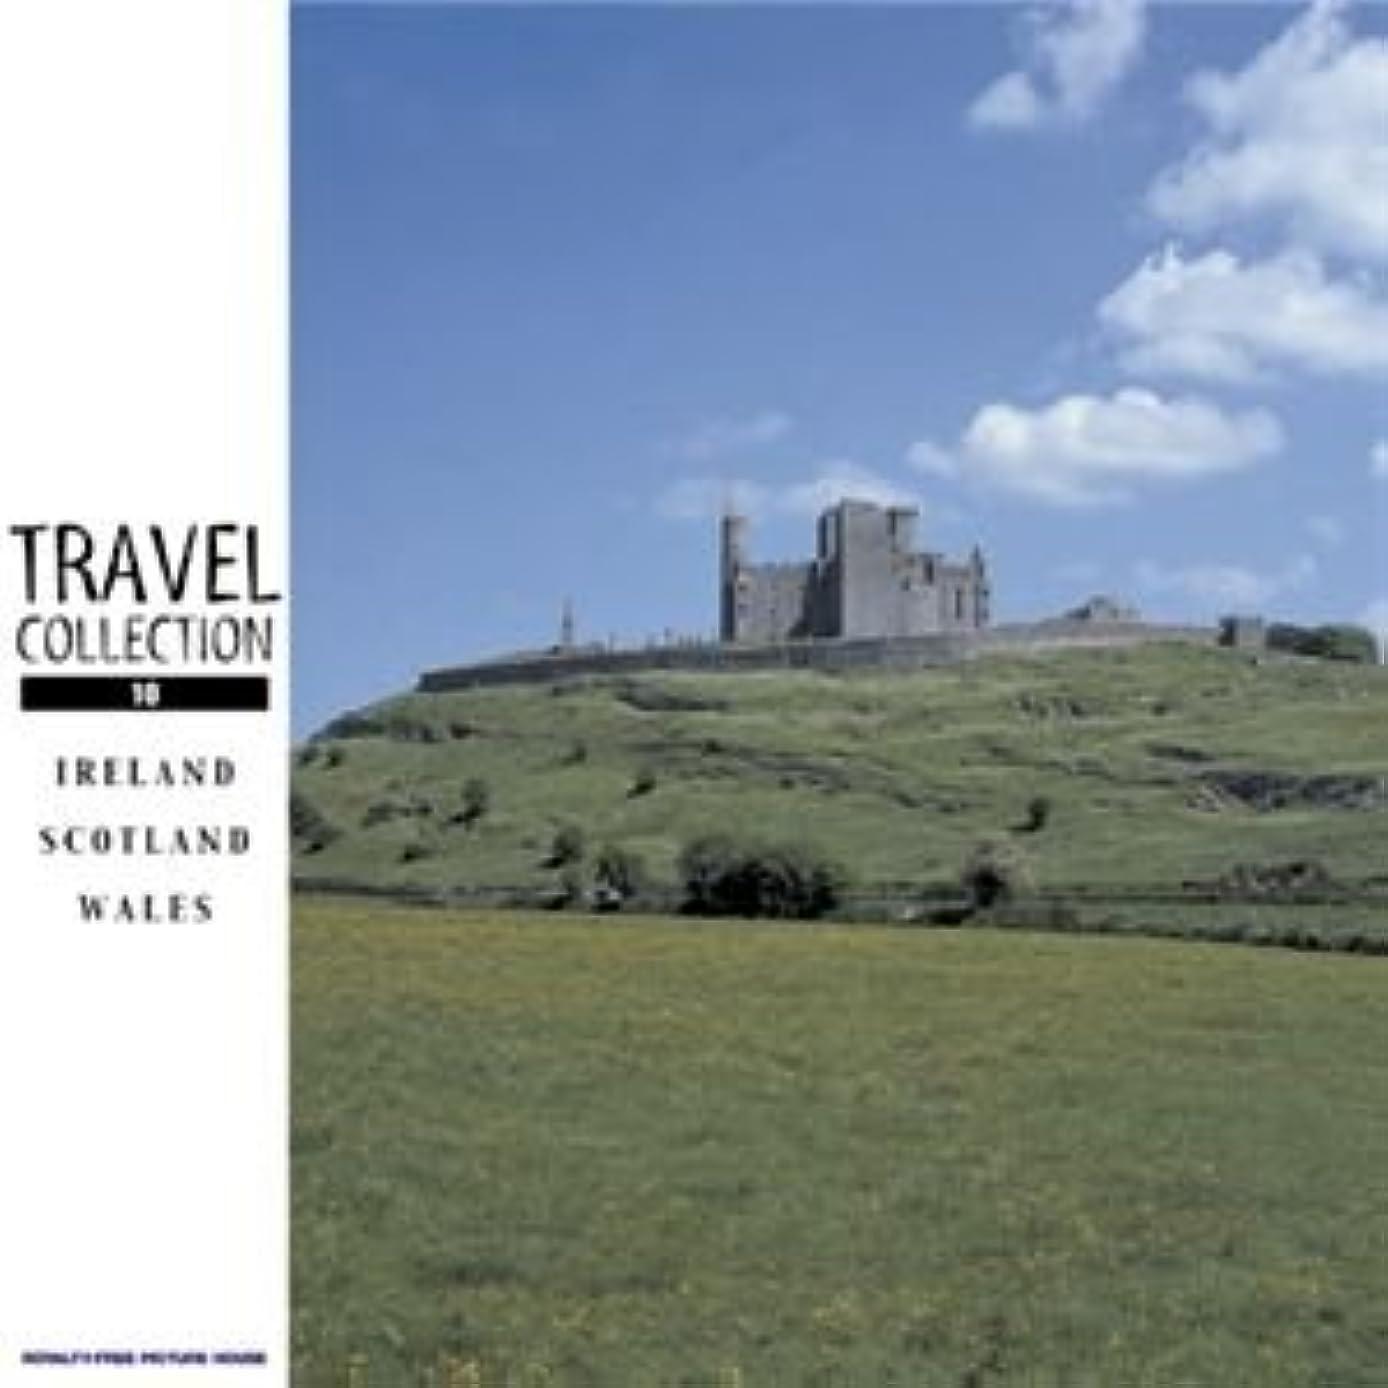 水アルバムおじいちゃん写真素材 Travel Collection Vol.010 アイルランド ds-67852